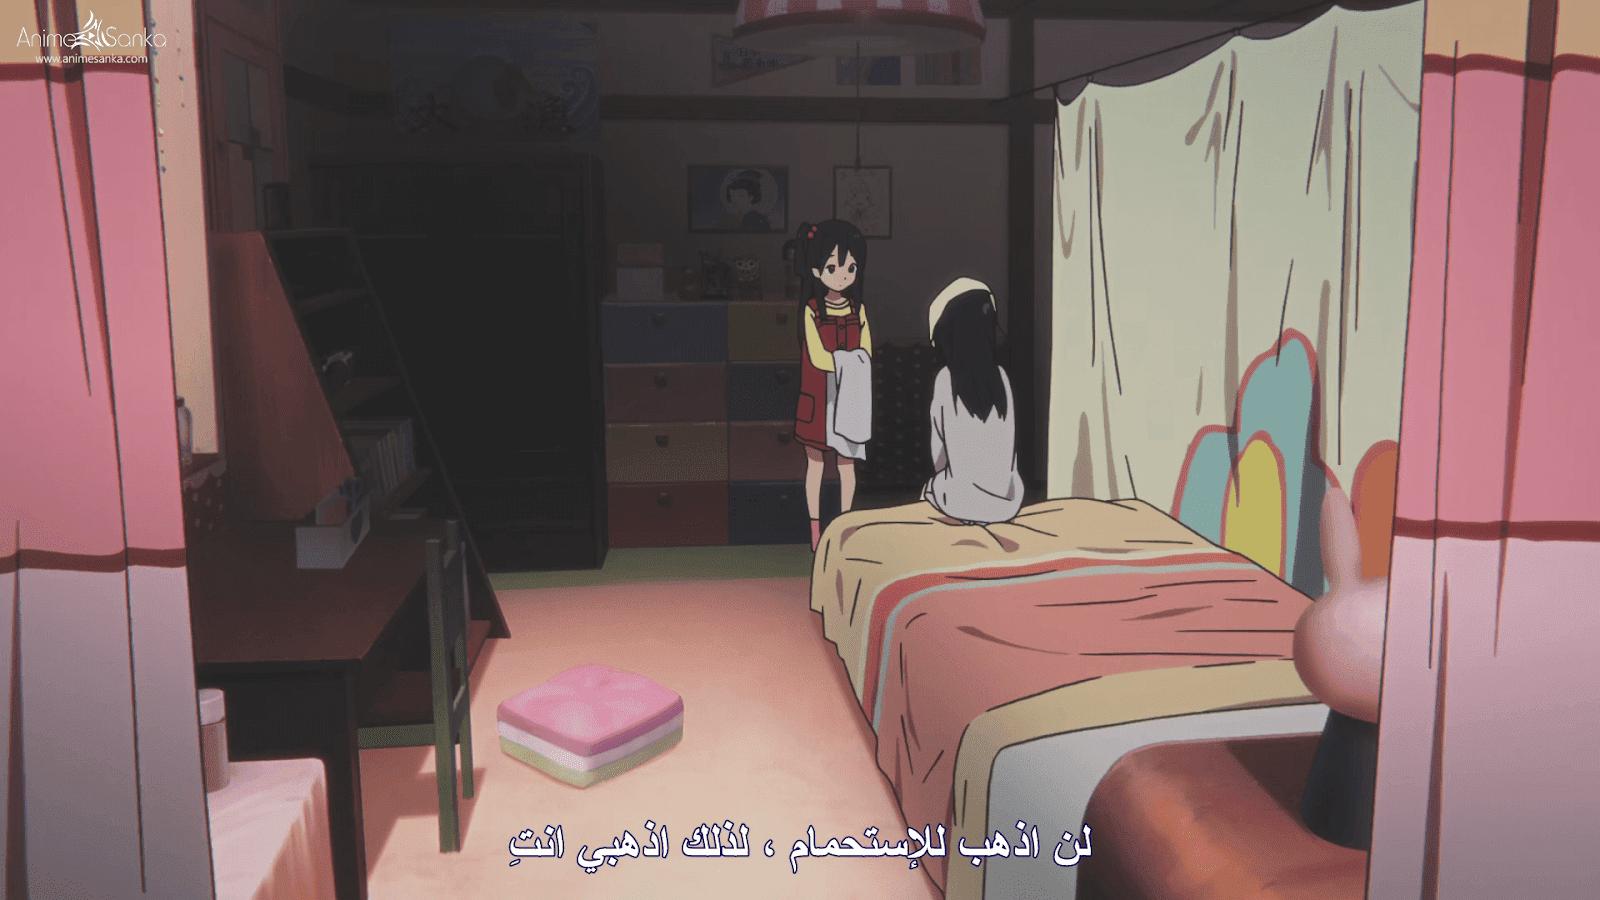 فيلم انمى قصة حب تاماكوا Tamako Love Story Movie بلوراي 1080p مترجم كامل اون لاين تحميل و مشاهدة جودة خارقة عالية بحجم صغير على عدة سيرفرات BD x265 رباط واحد Bluray